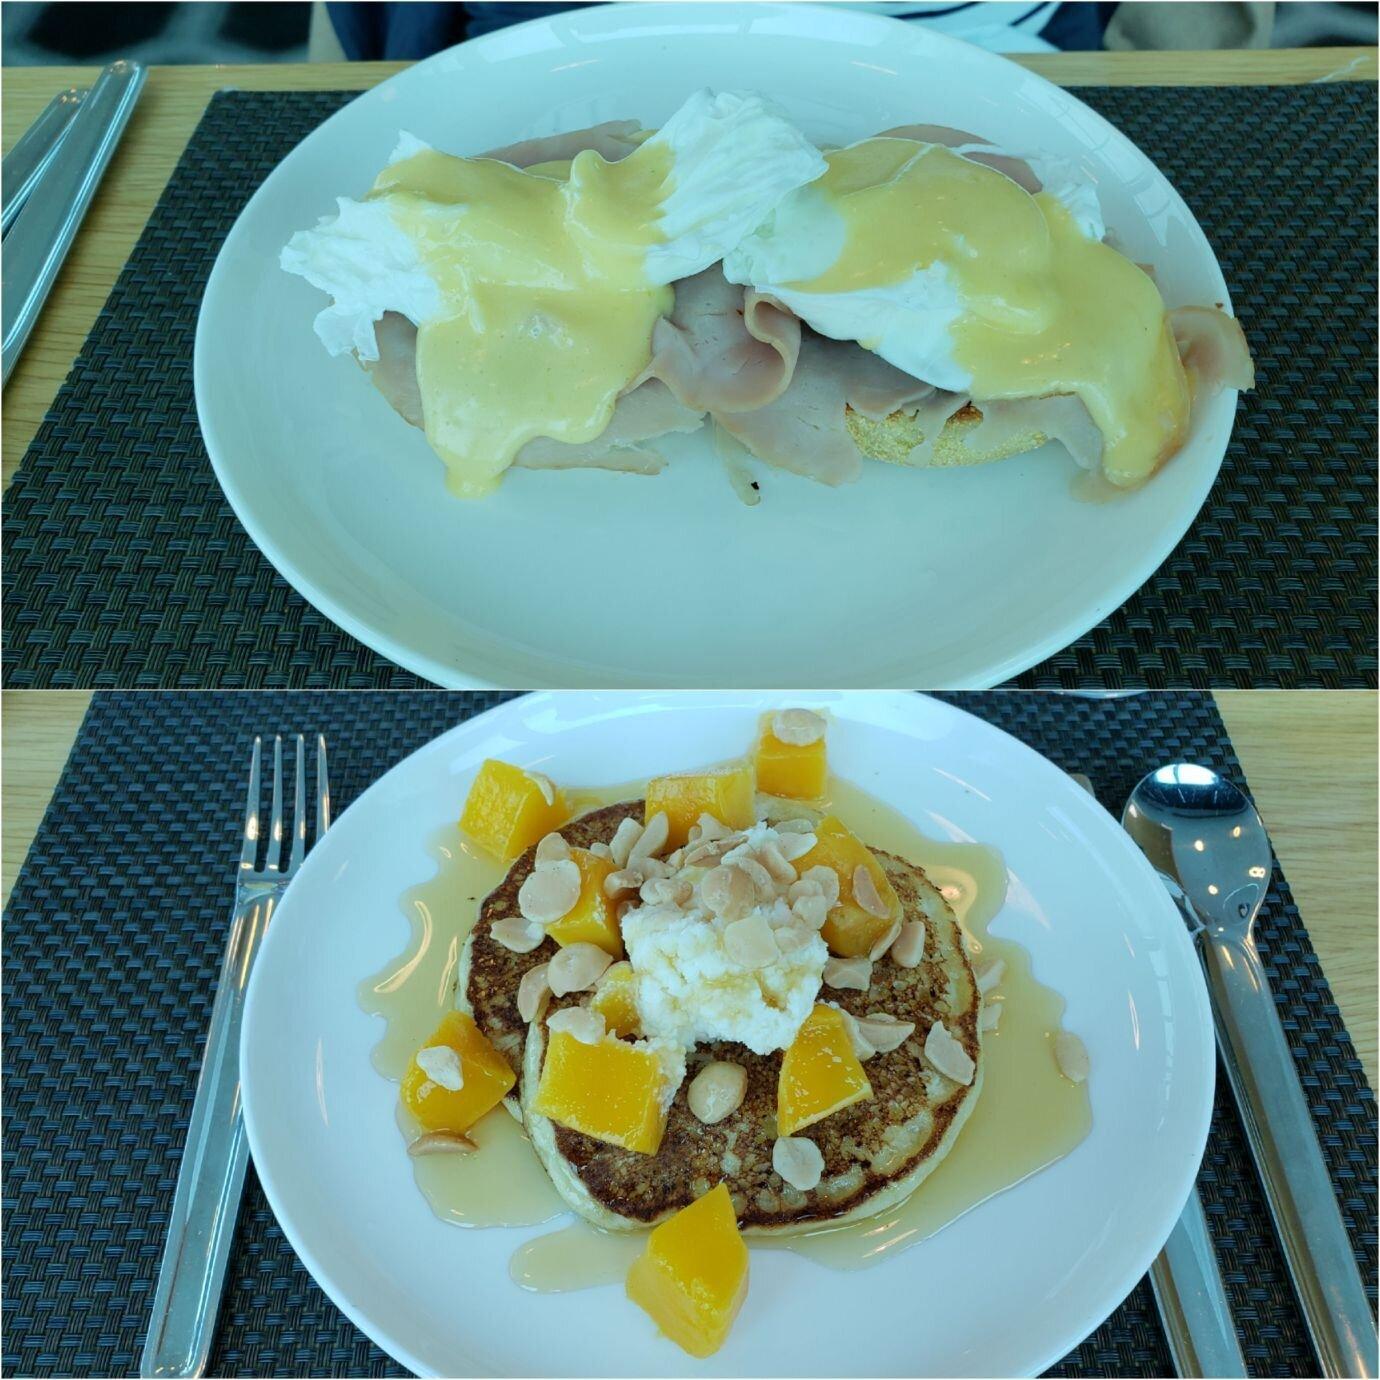 老婆點的主菜-班尼迪克蛋加火腿(上圖),我點的主菜-鬆餅(下圖)